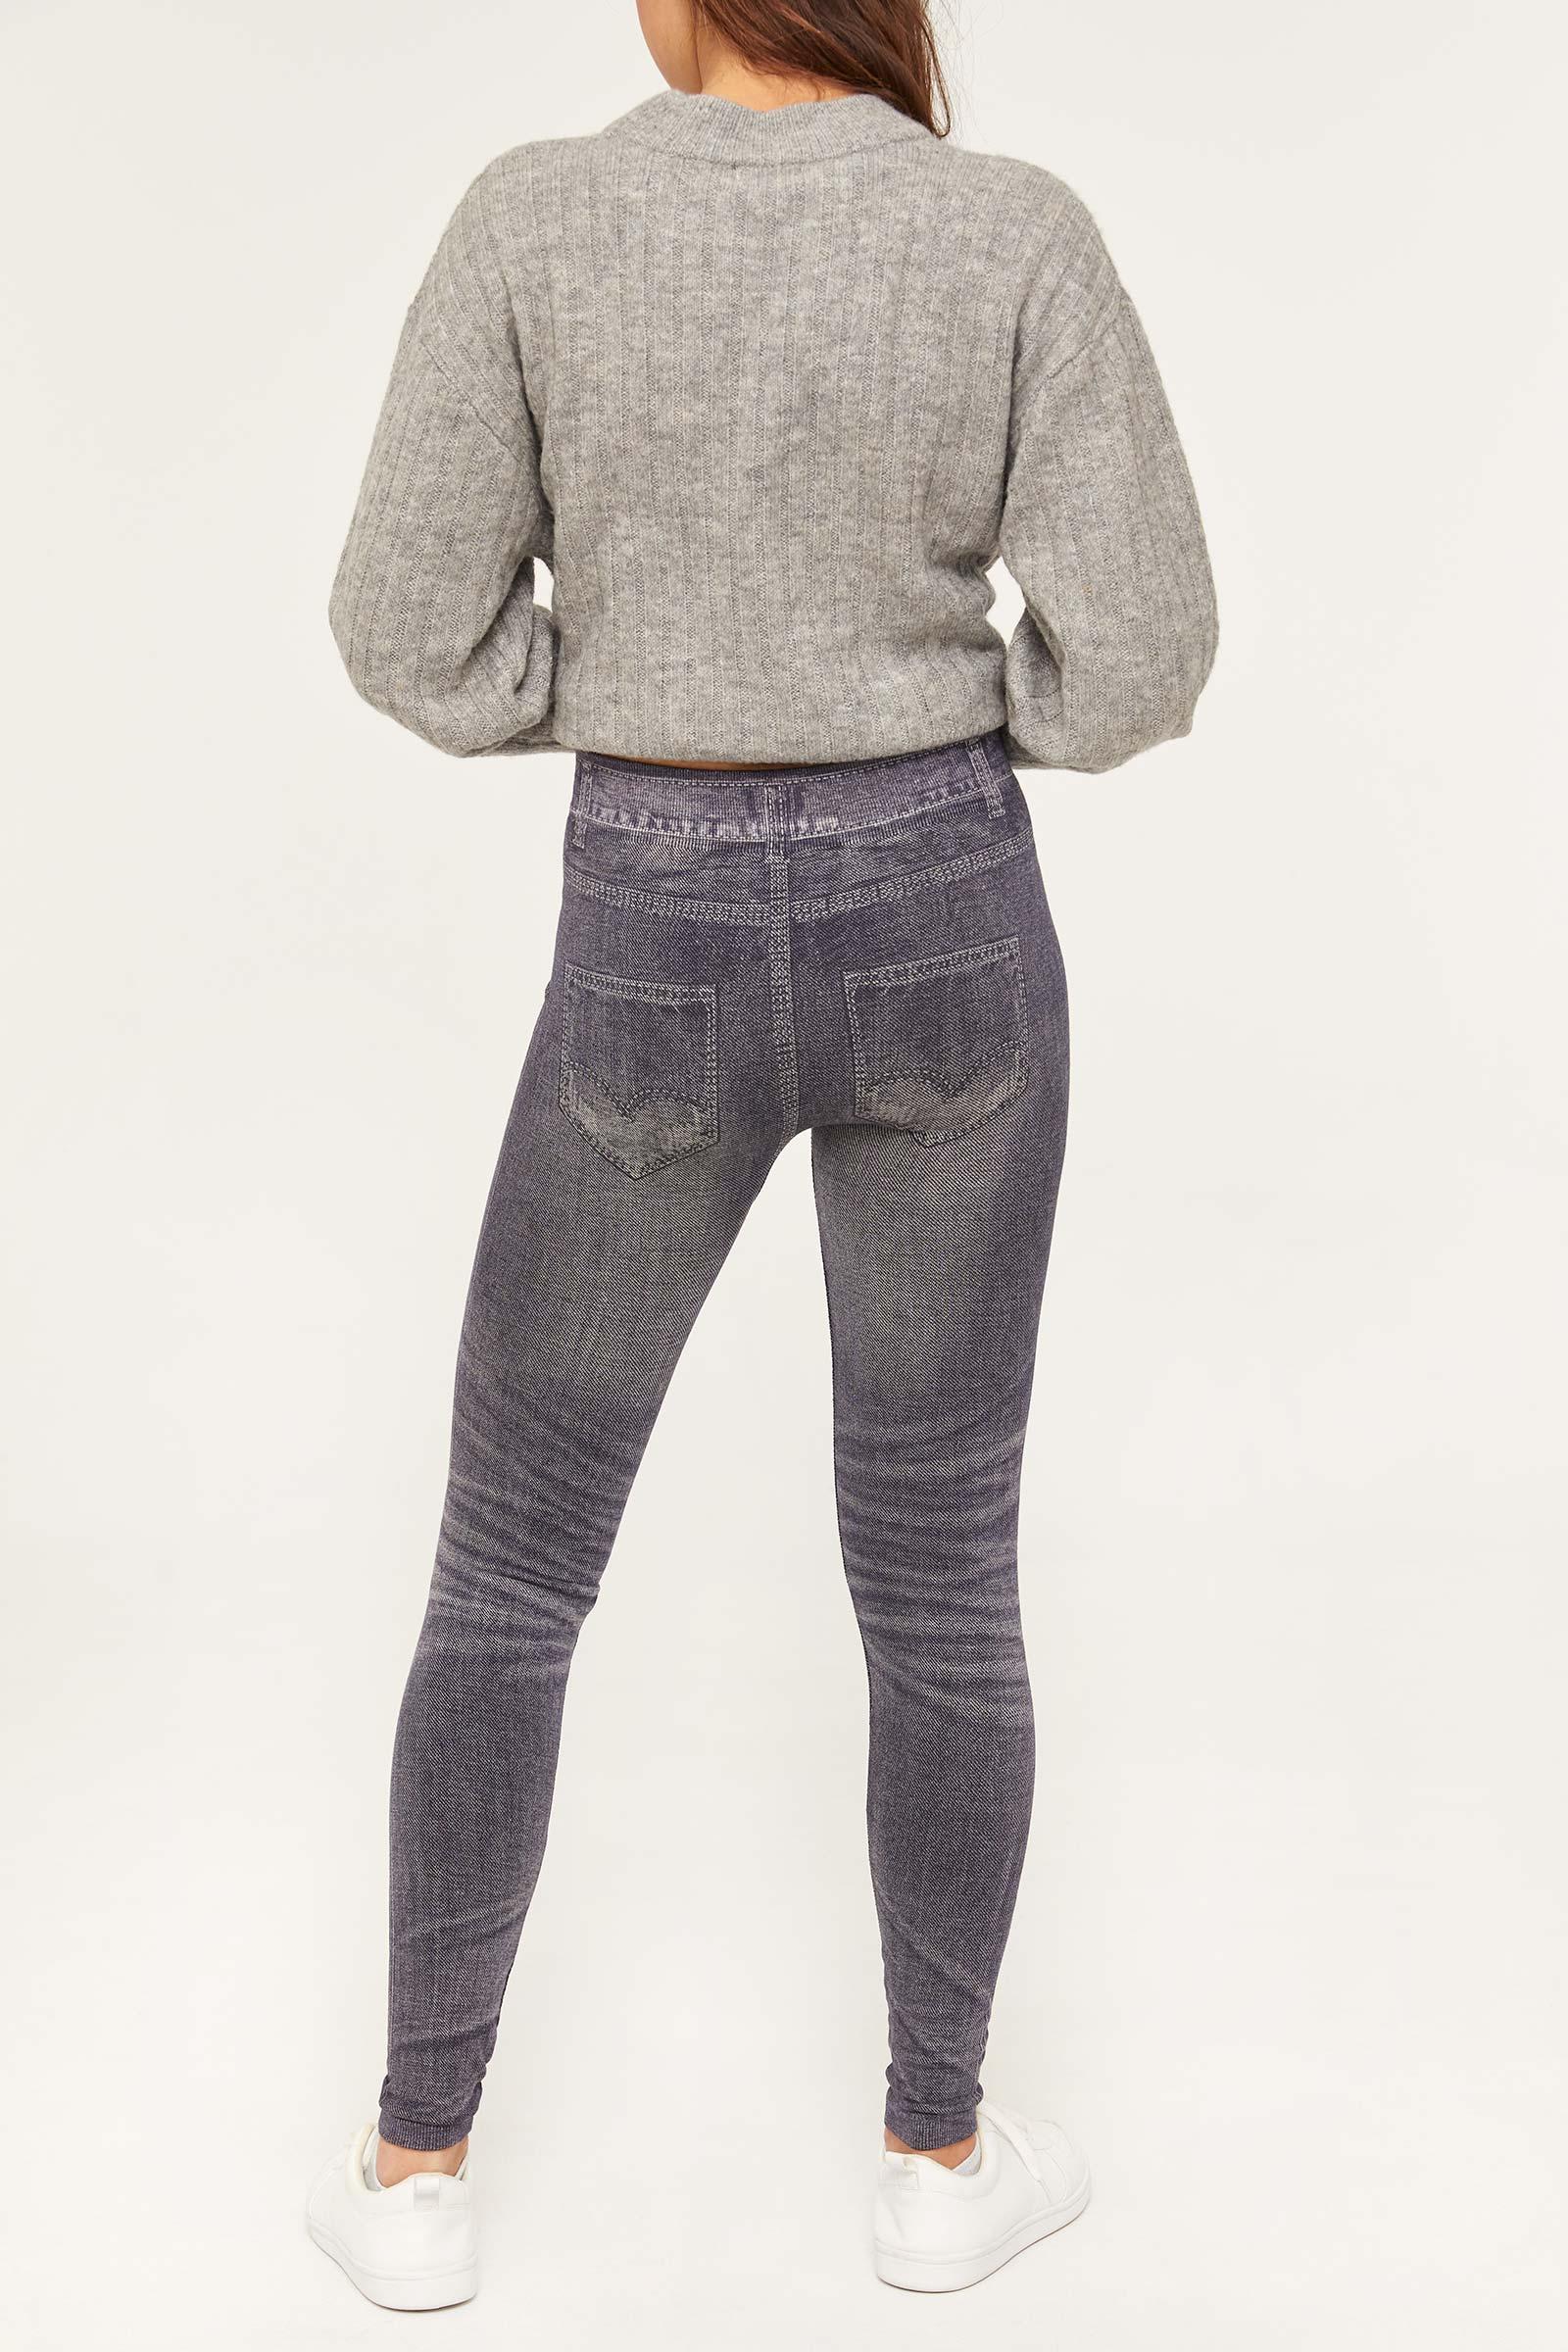 Denim Printed Leggings